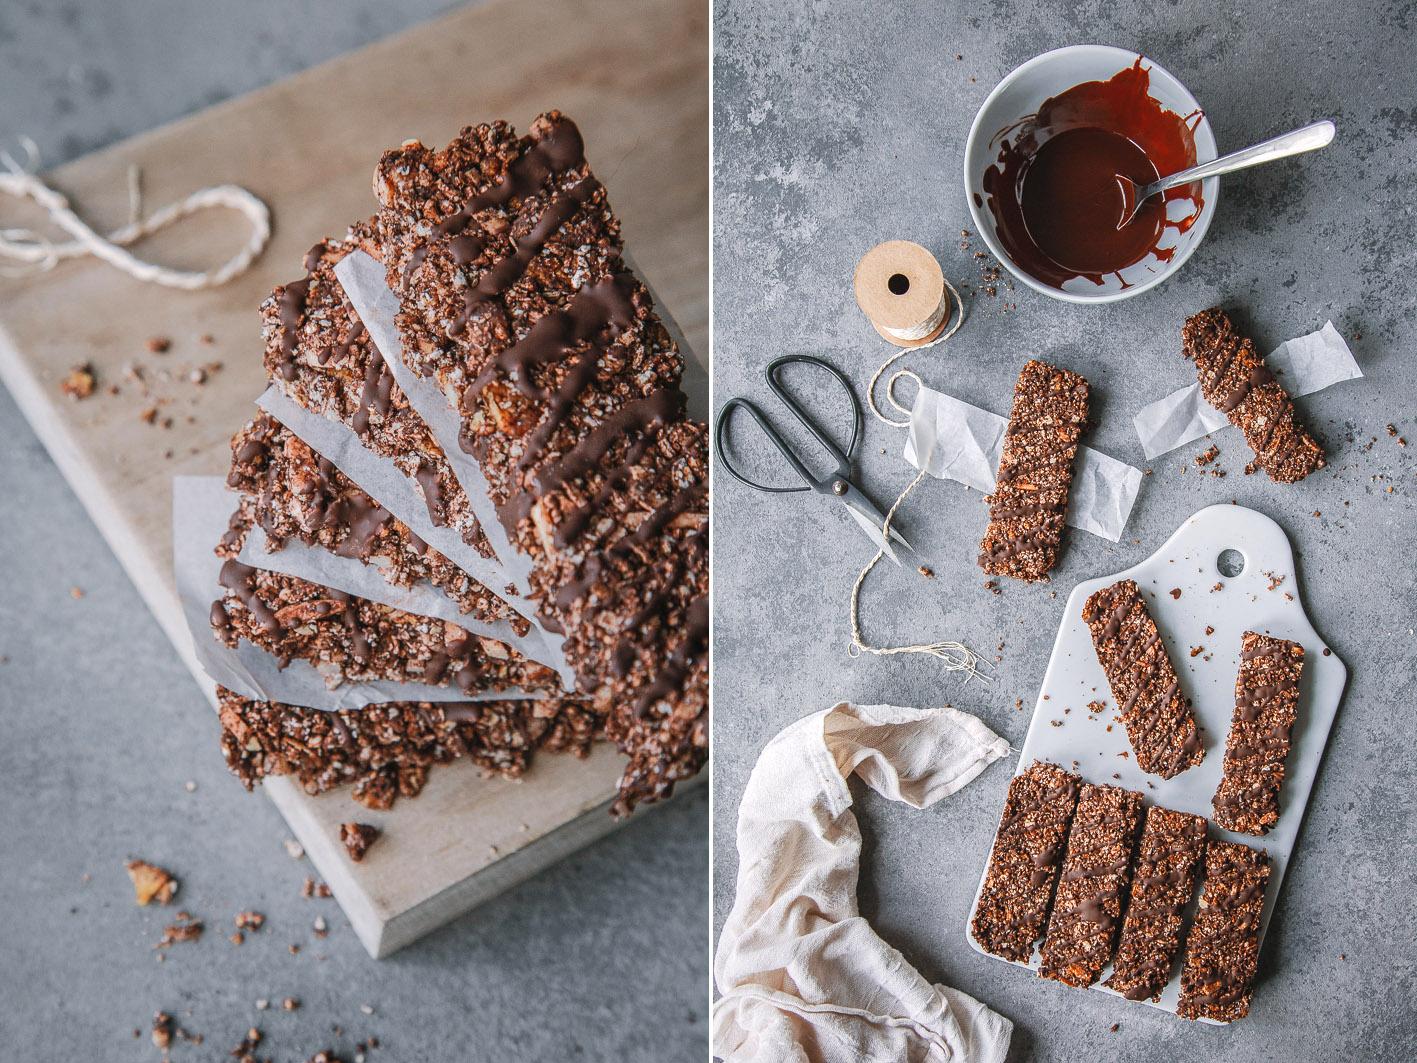 Schokoladen-Müsliriegel aus gesunden Zutaten